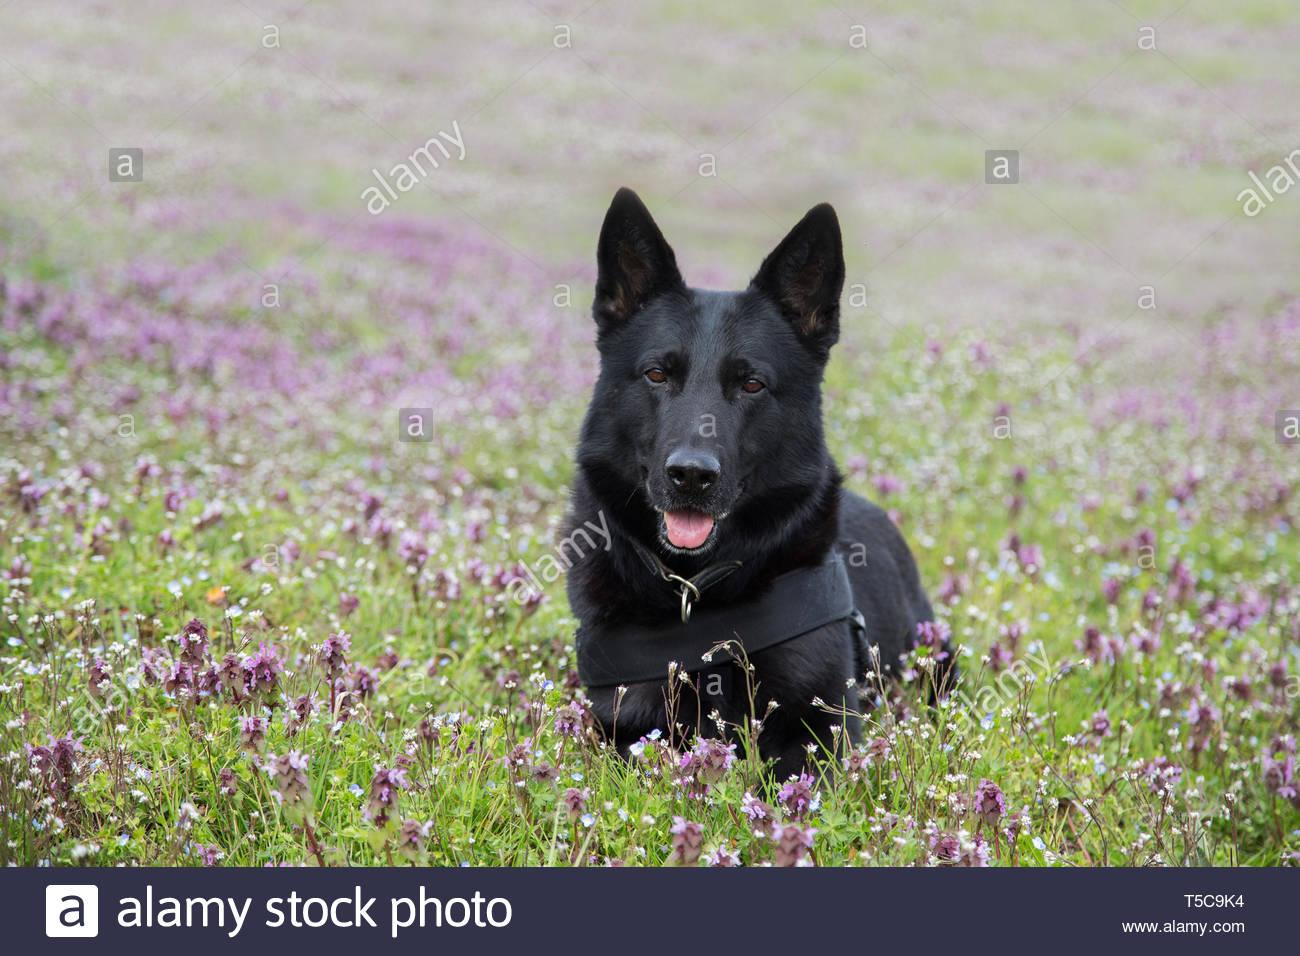 German Shepherd among flowers - Stock Image